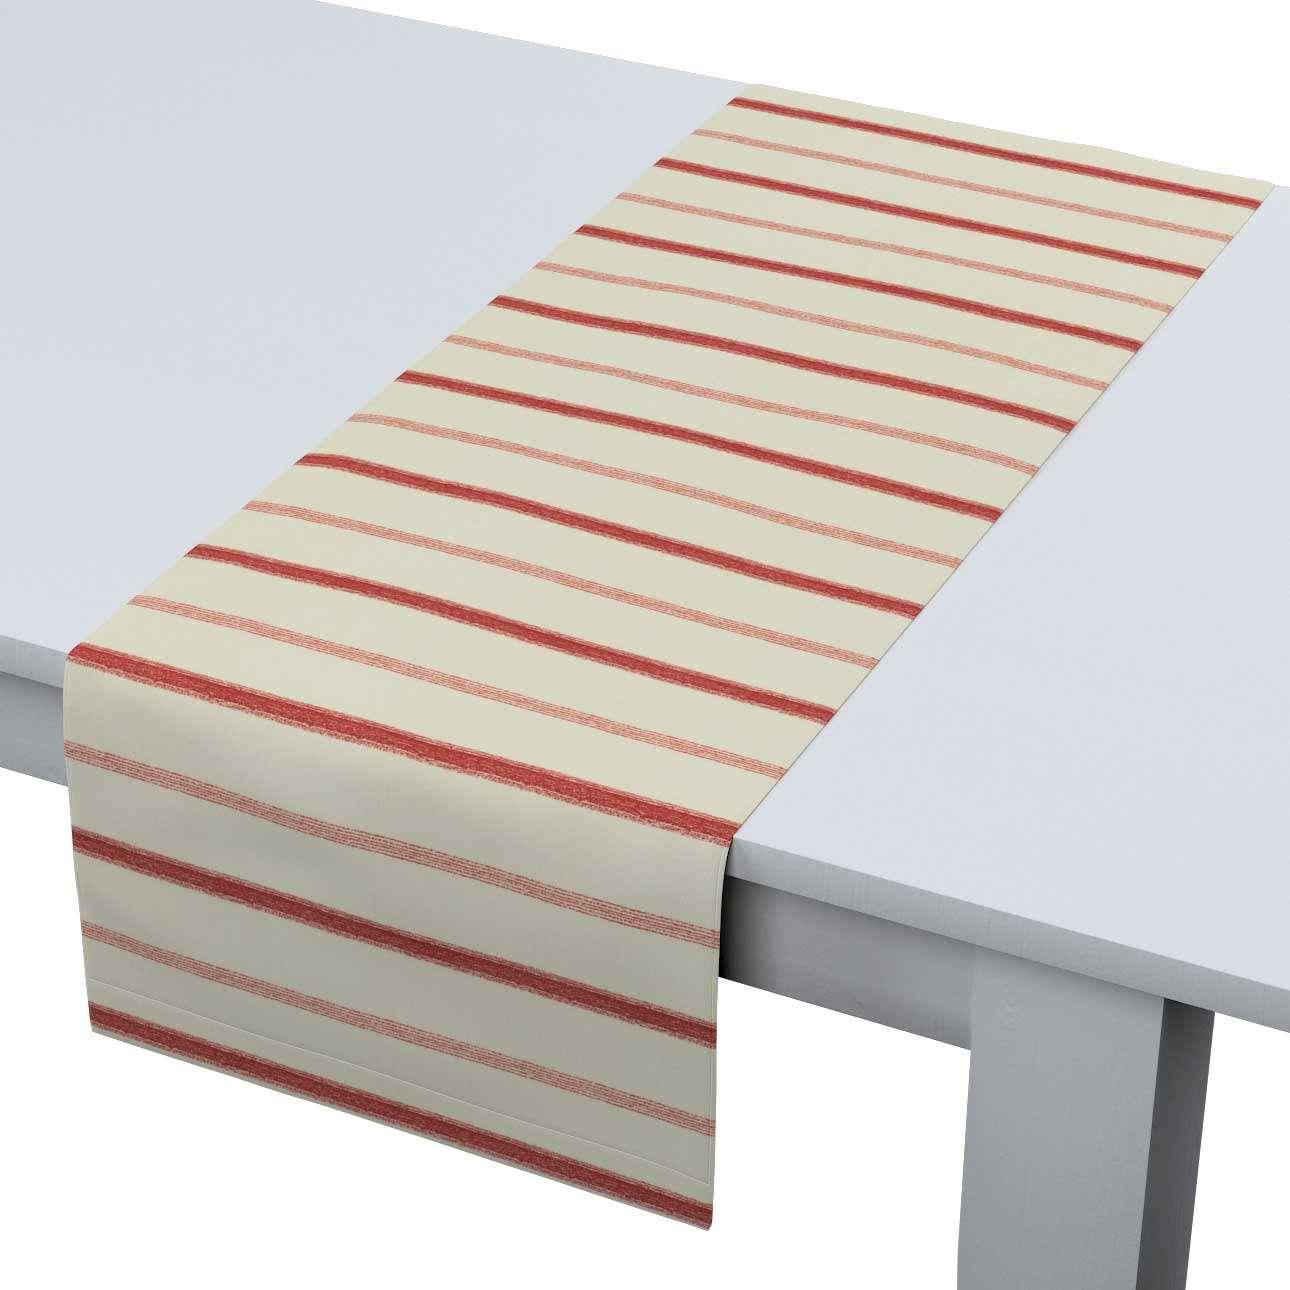 Rechteckiger Tischläufer 40 x 130 cm von der Kollektion Avinon, Stoff: 129-15